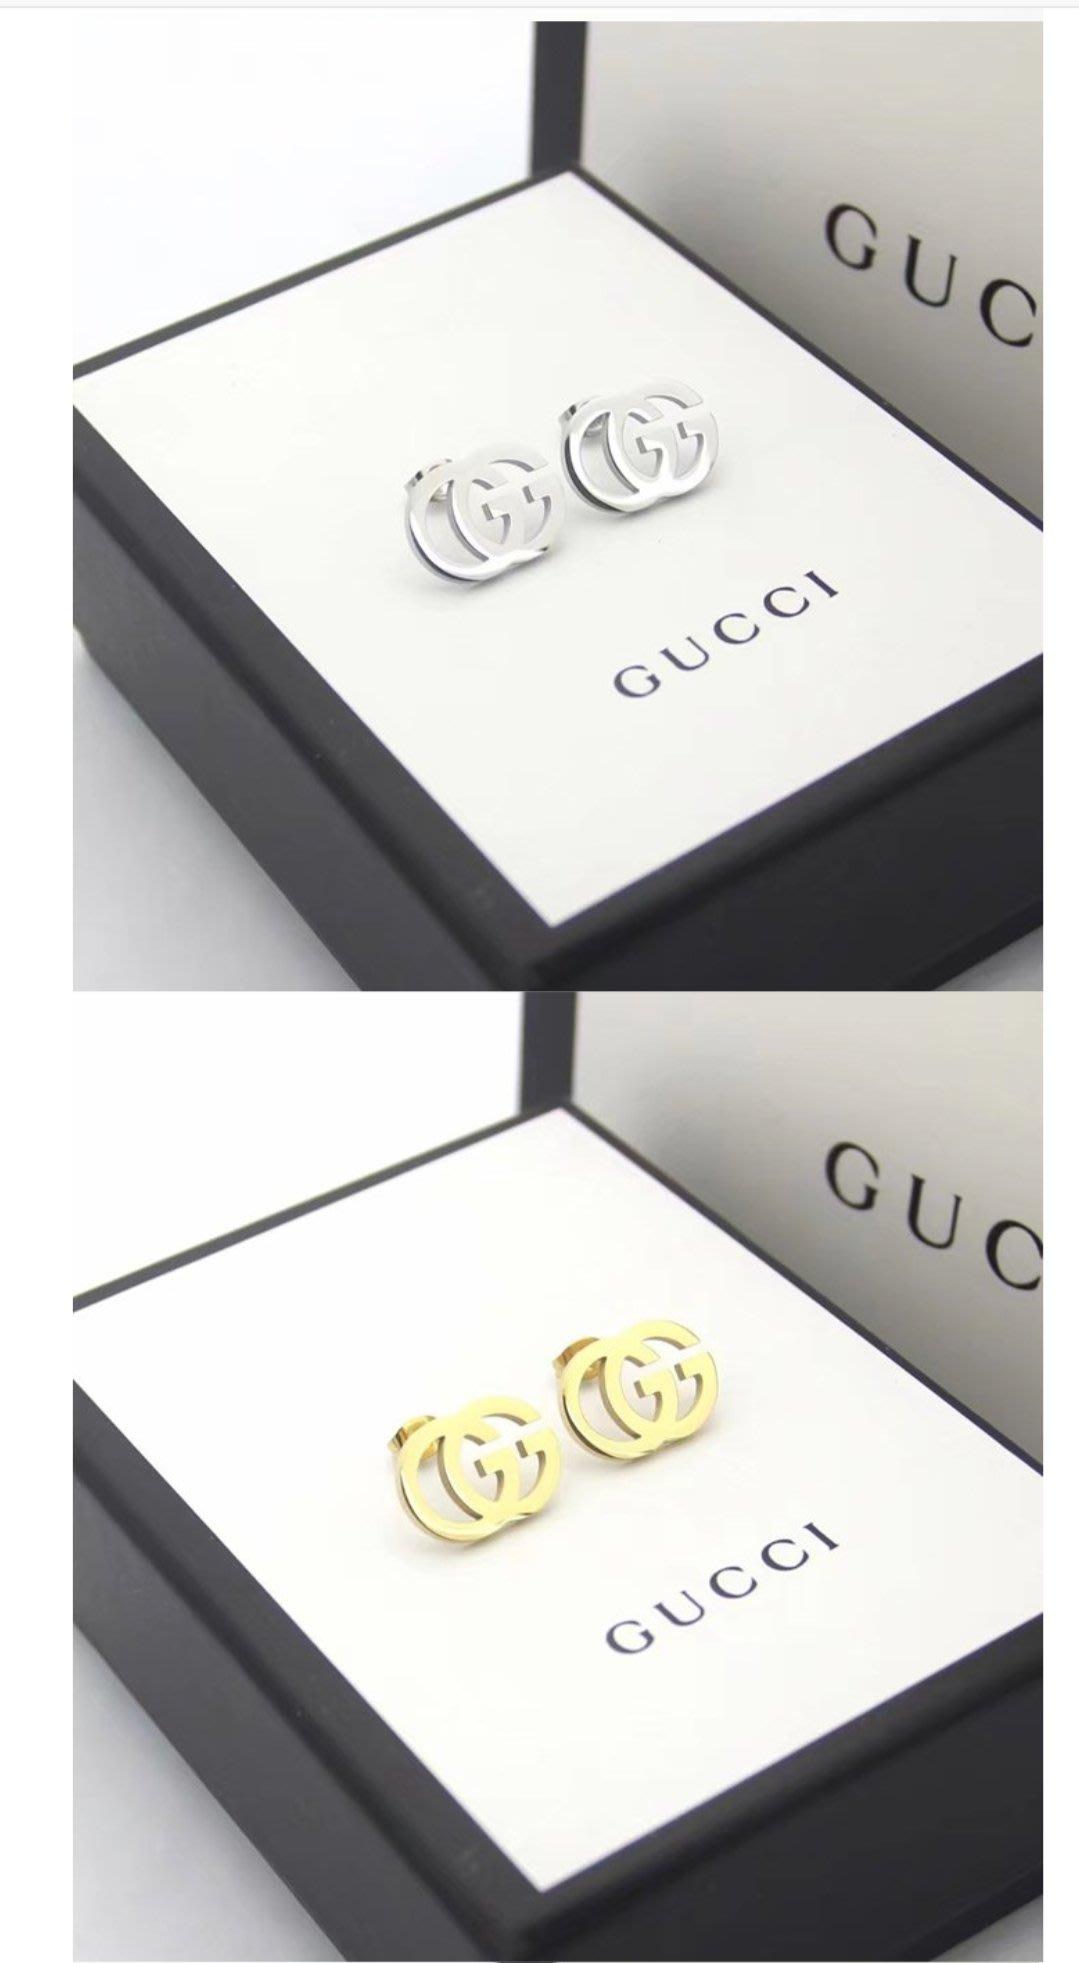 Gucci 經典光面雙G耳環